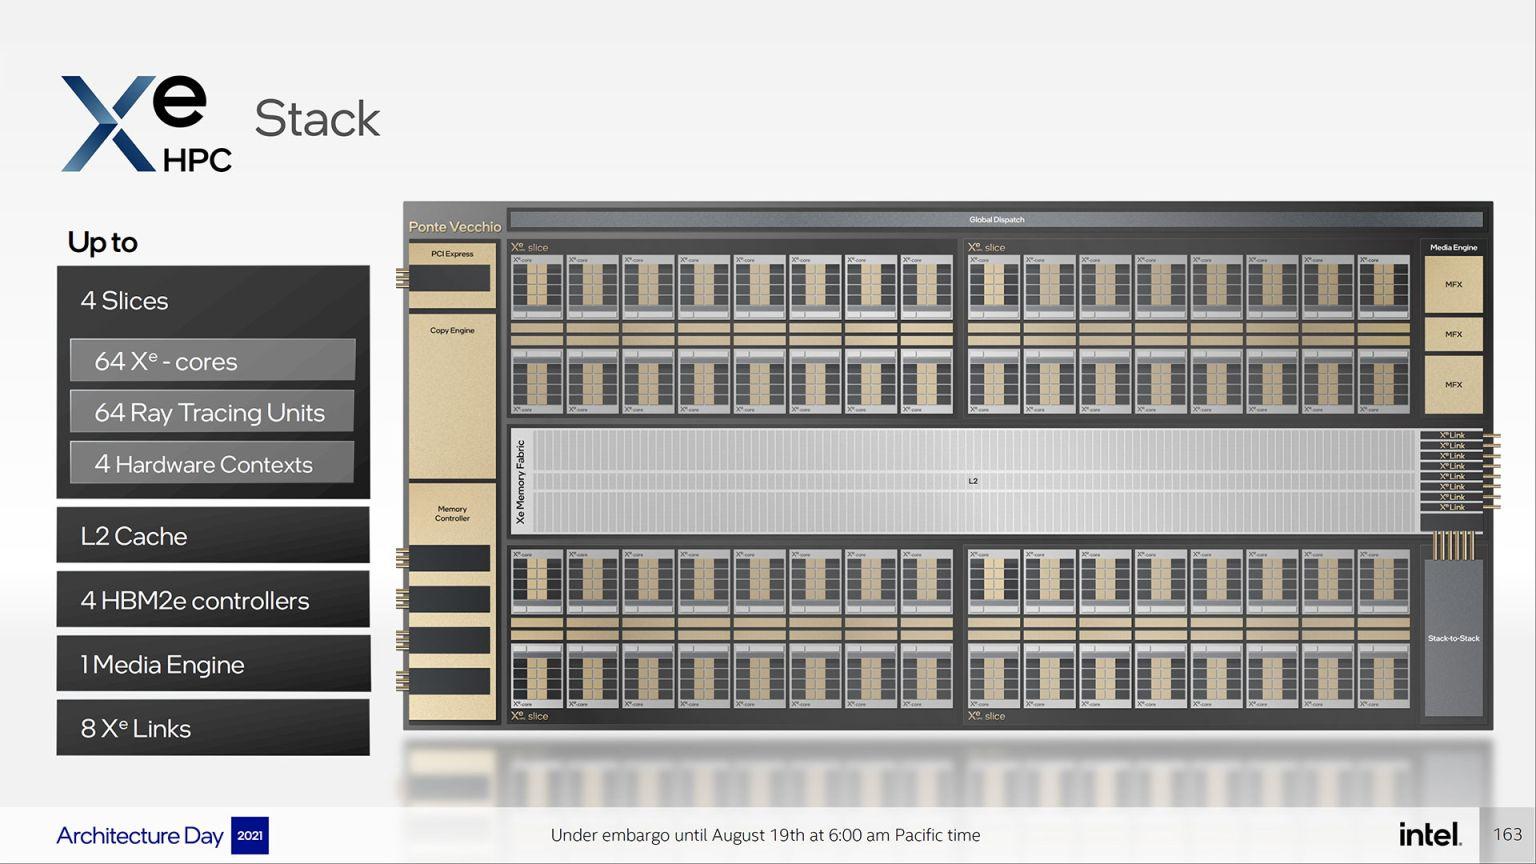 Ускоритель Intel Ponte Vecchio имеет вычислительную мощность более 45 Тфлопс